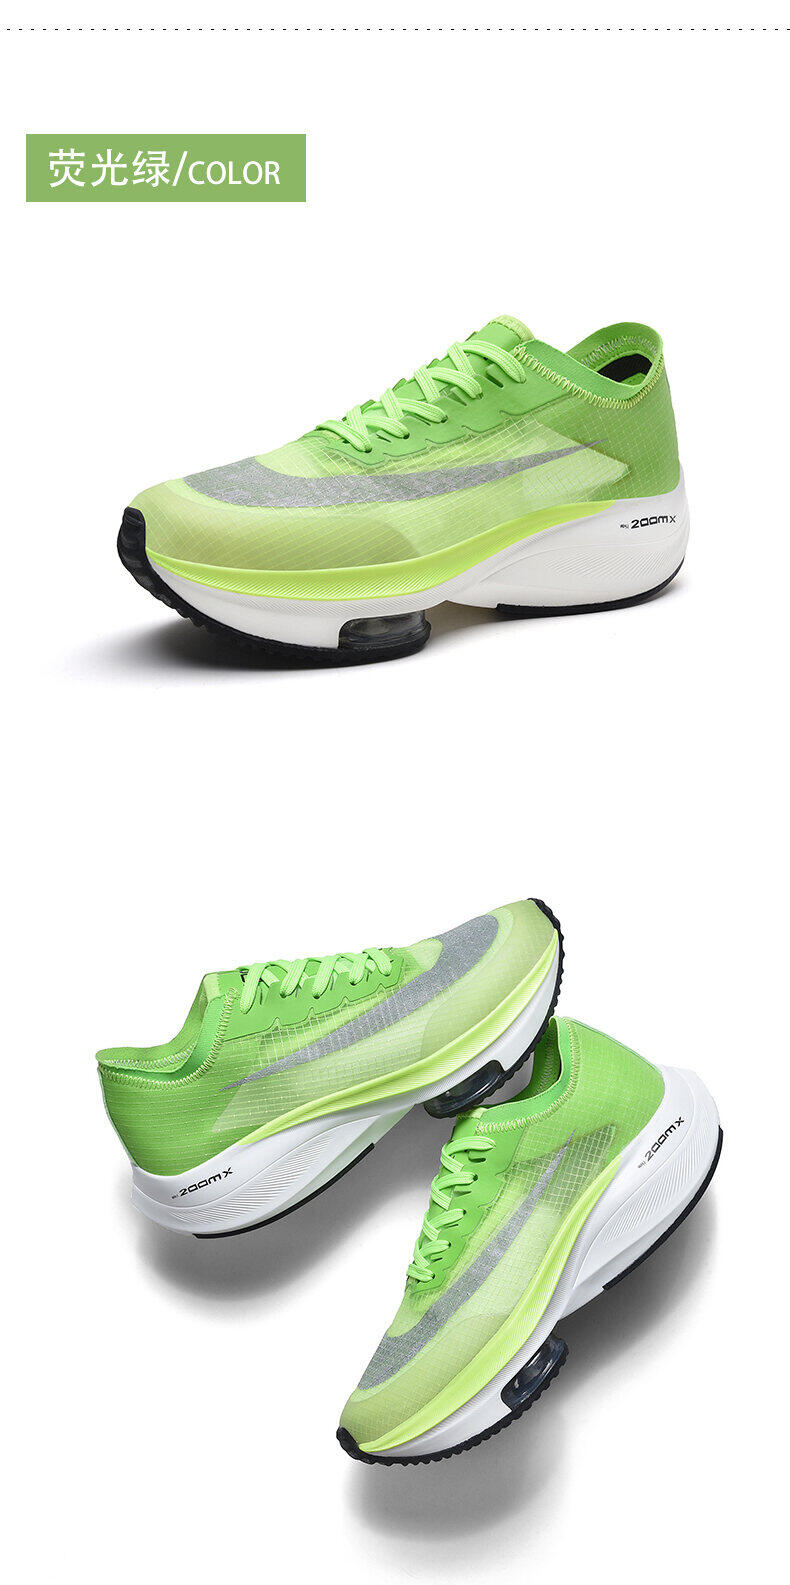 Giày Nam Rách 2 Giày Thể Thao Trang Web Chính Thức Phủ Điền Marathon Giày Chạy Bộ Rách 2 Mặt Lưới Pegasus Giày Chạy Đệm Khí Uyên Ương Nam 42